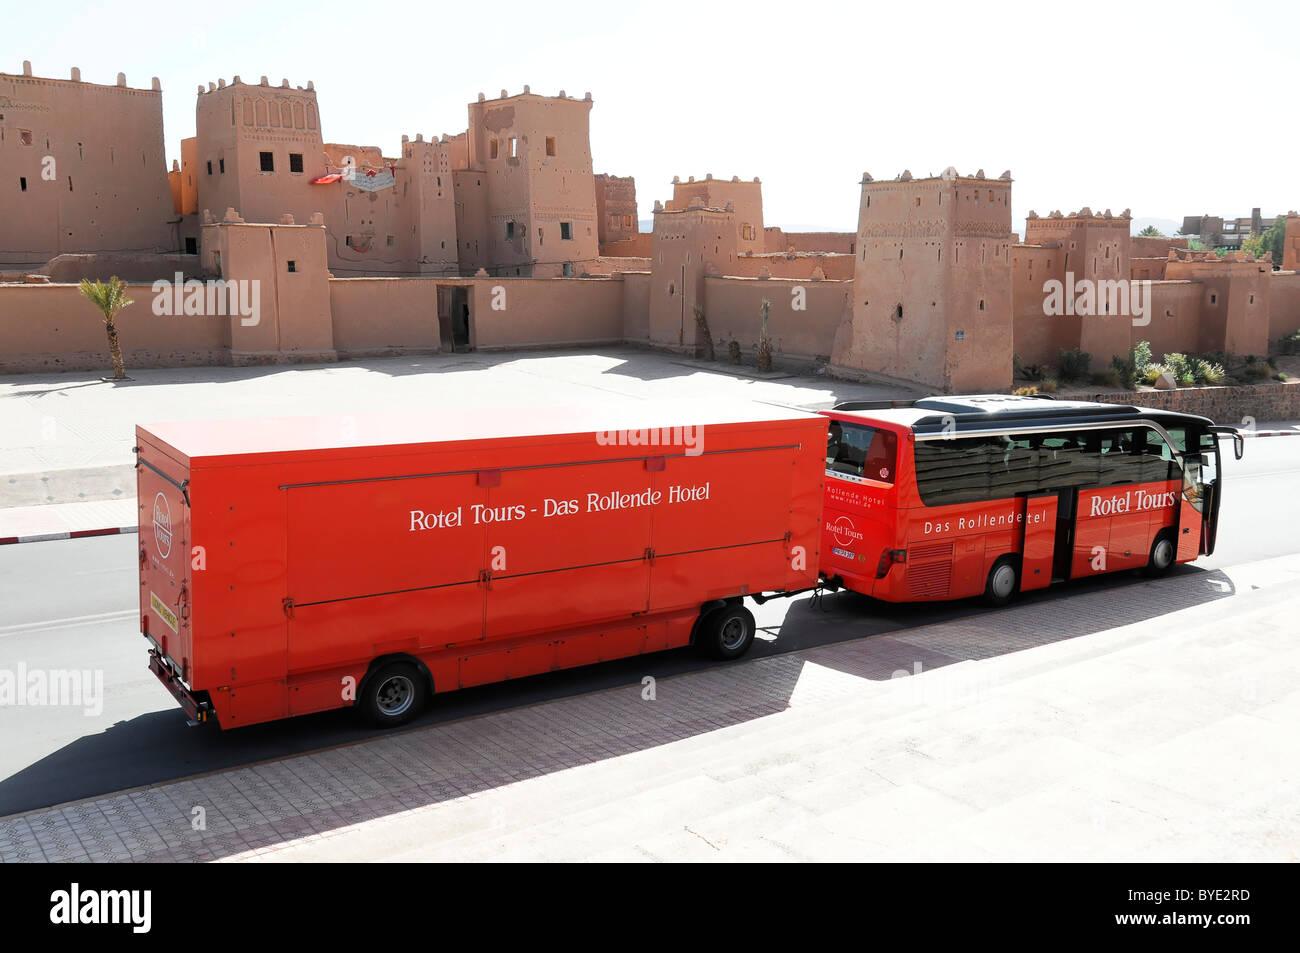 rotel trainer ein reisebus mit einem mobilen hotel vor einem abschnitt des kino museum. Black Bedroom Furniture Sets. Home Design Ideas